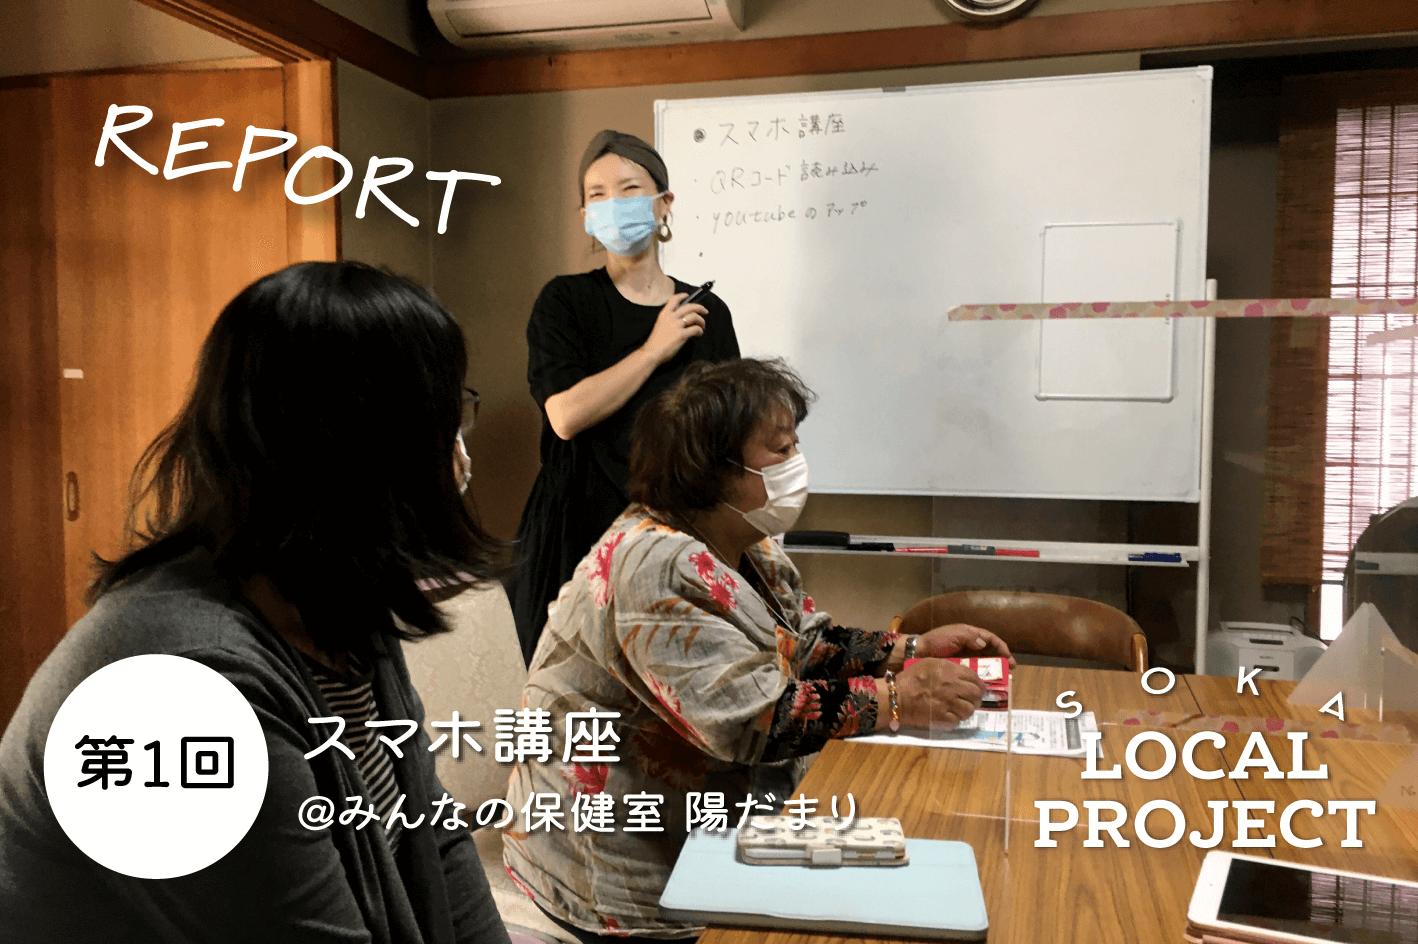 ローカルWEBメディア・地域サイト 草加ローカルプロジェクト 活動レポート